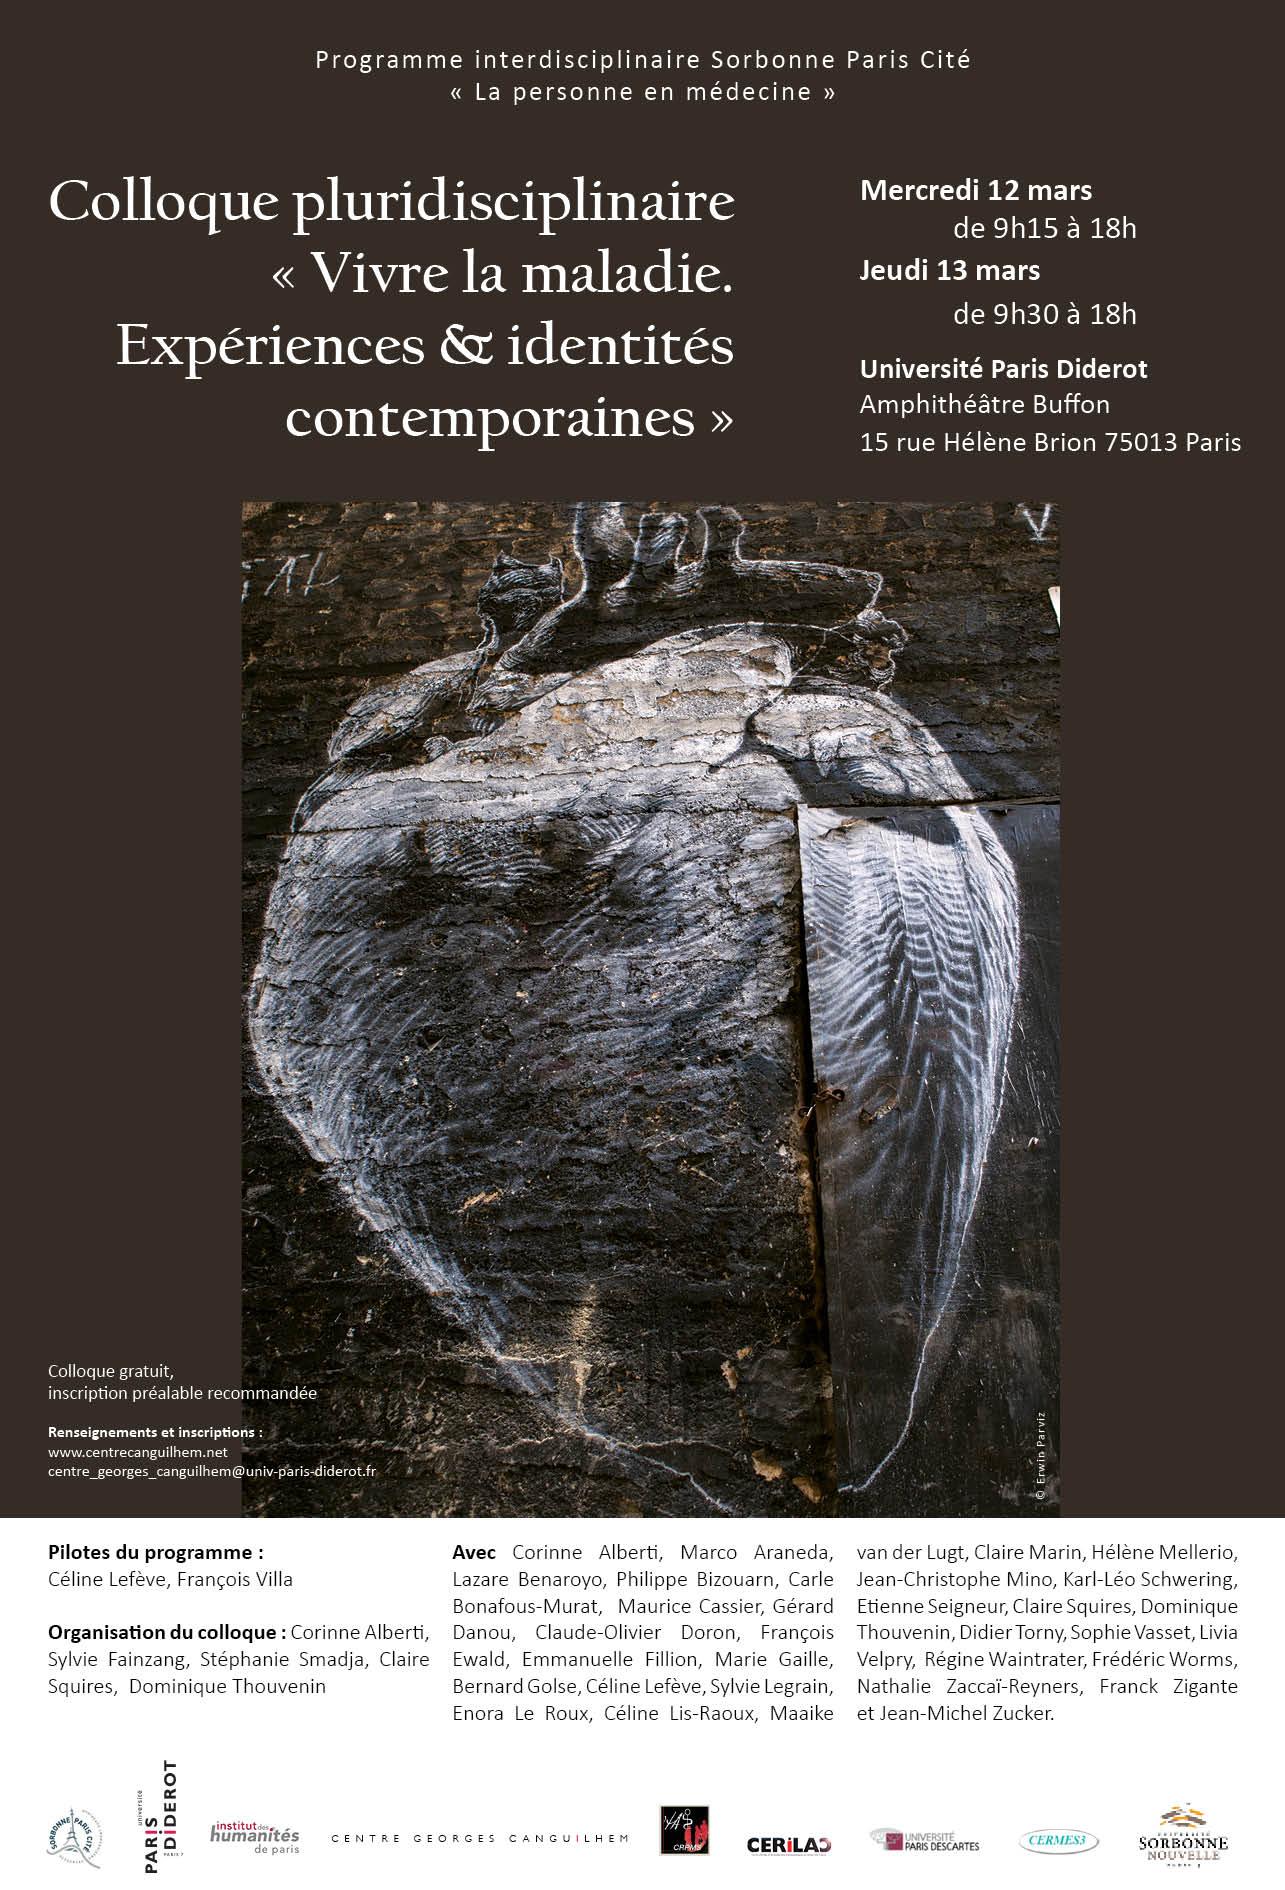 """Colloque pluridisciplinaire """"Vivre la maladie – Expériences et identités contemporaines"""" (mars 2014)"""